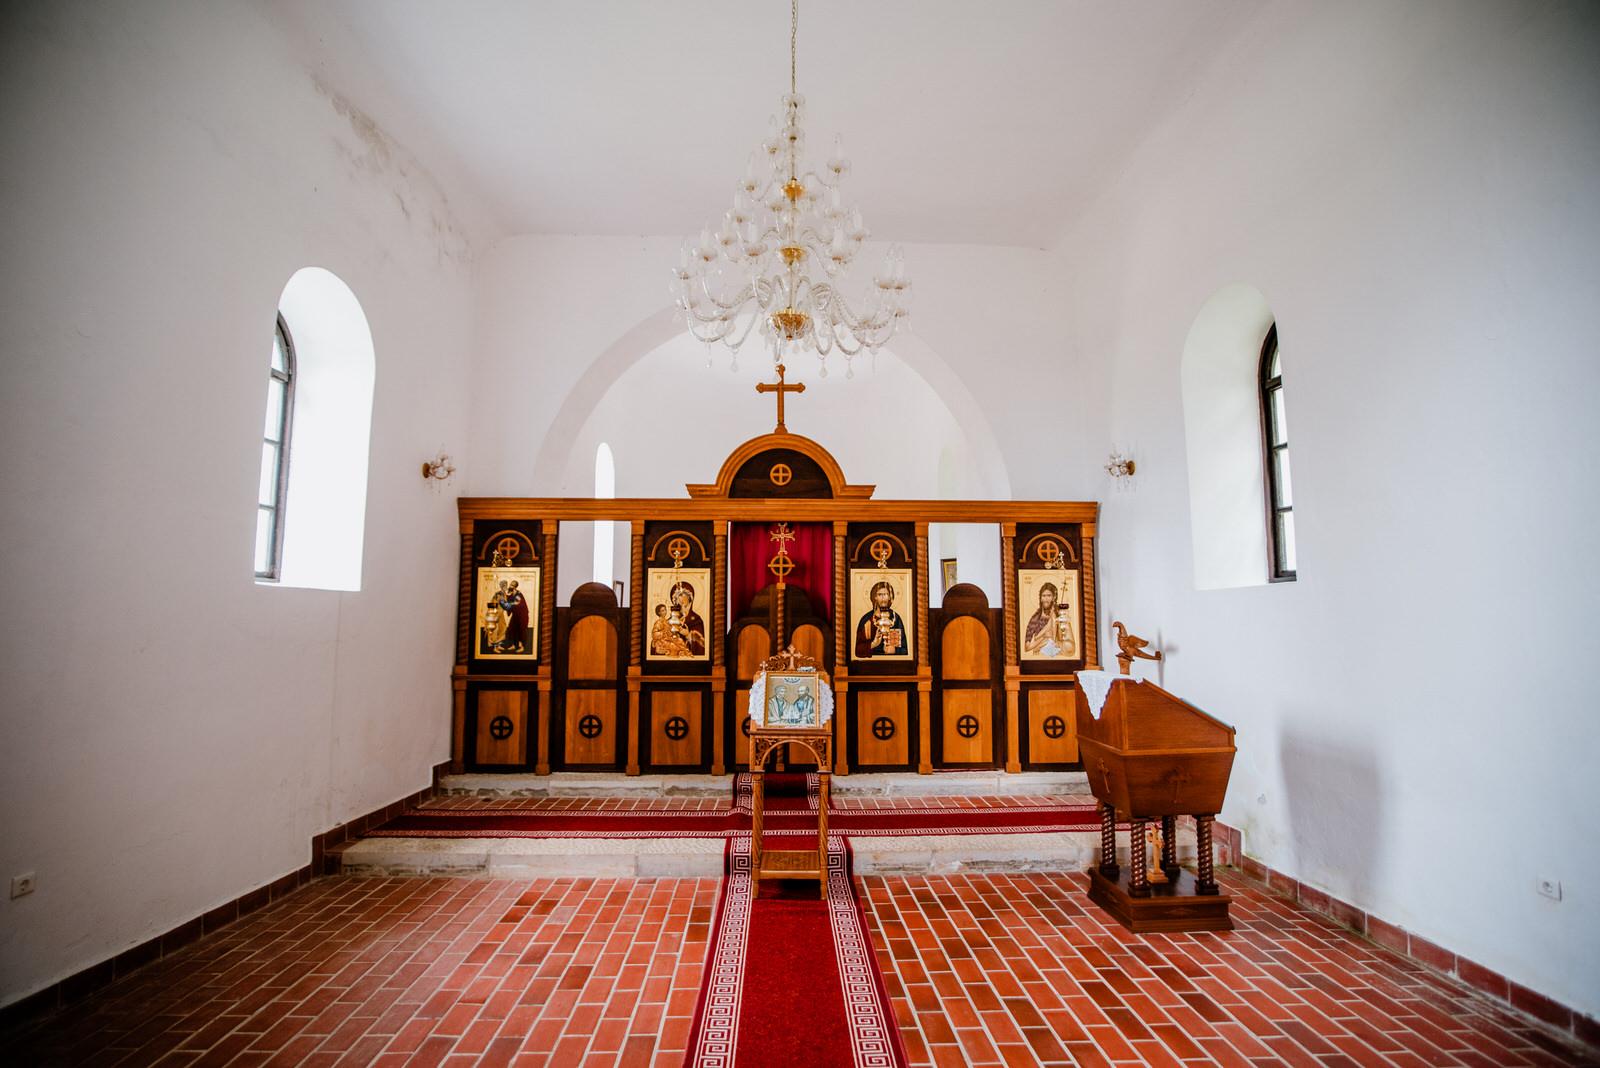 likaclub_smiljan_crkva-nikola-tesla_2019-2